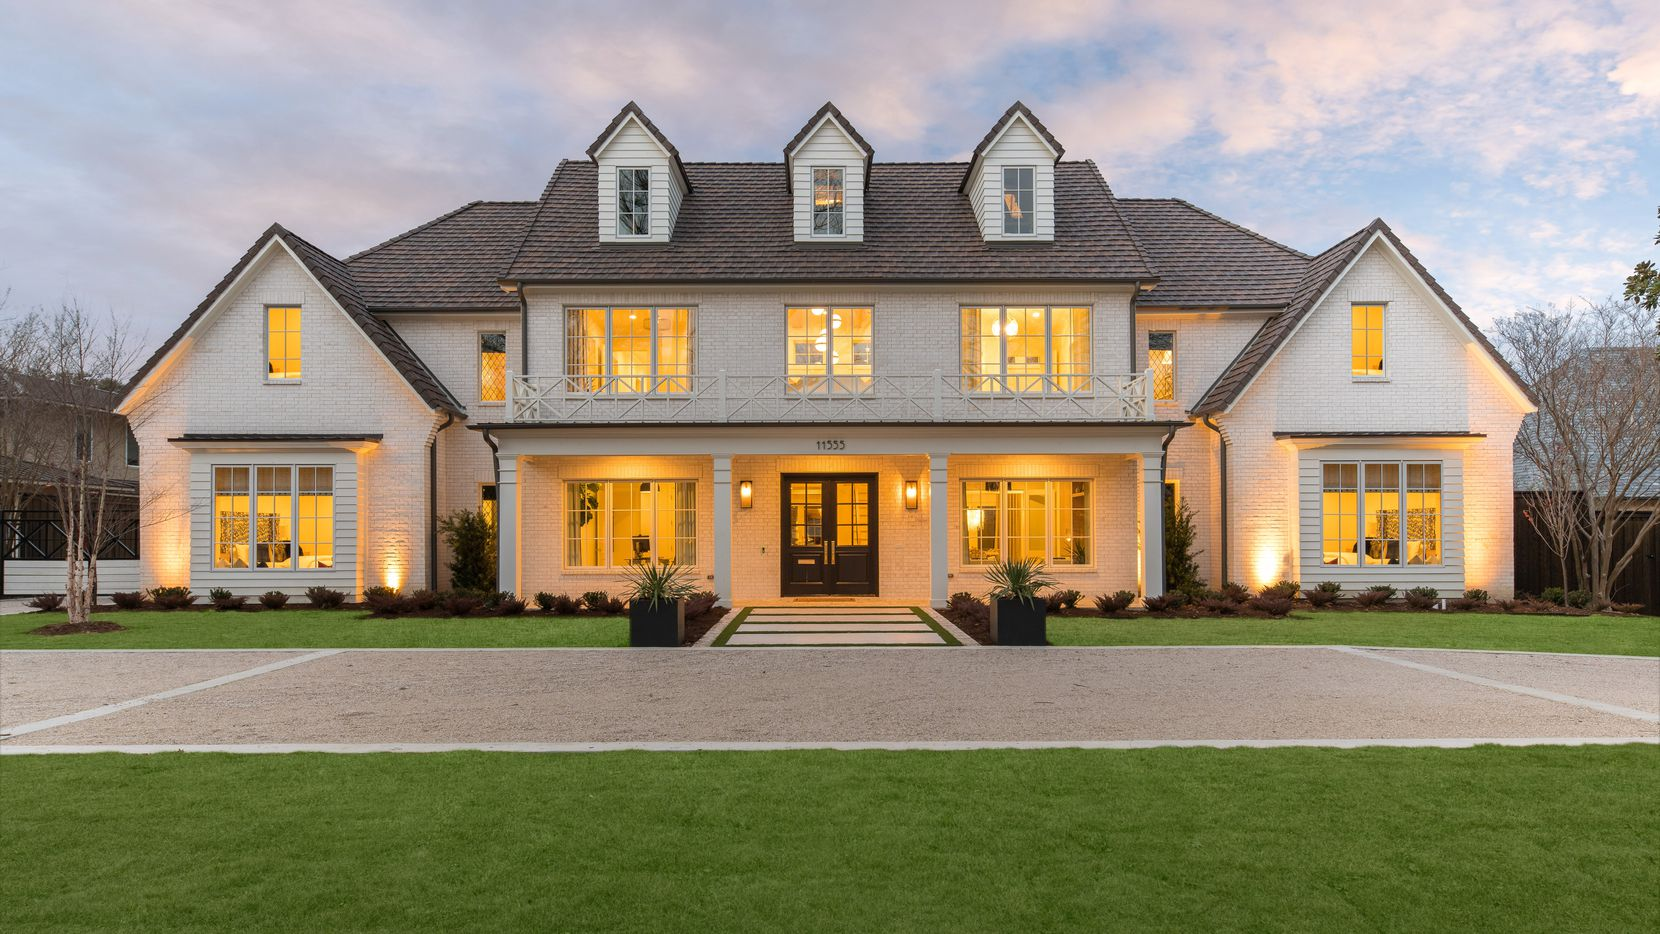 Take a look at the home at 11555 W. Ricks Circle in Dallas.